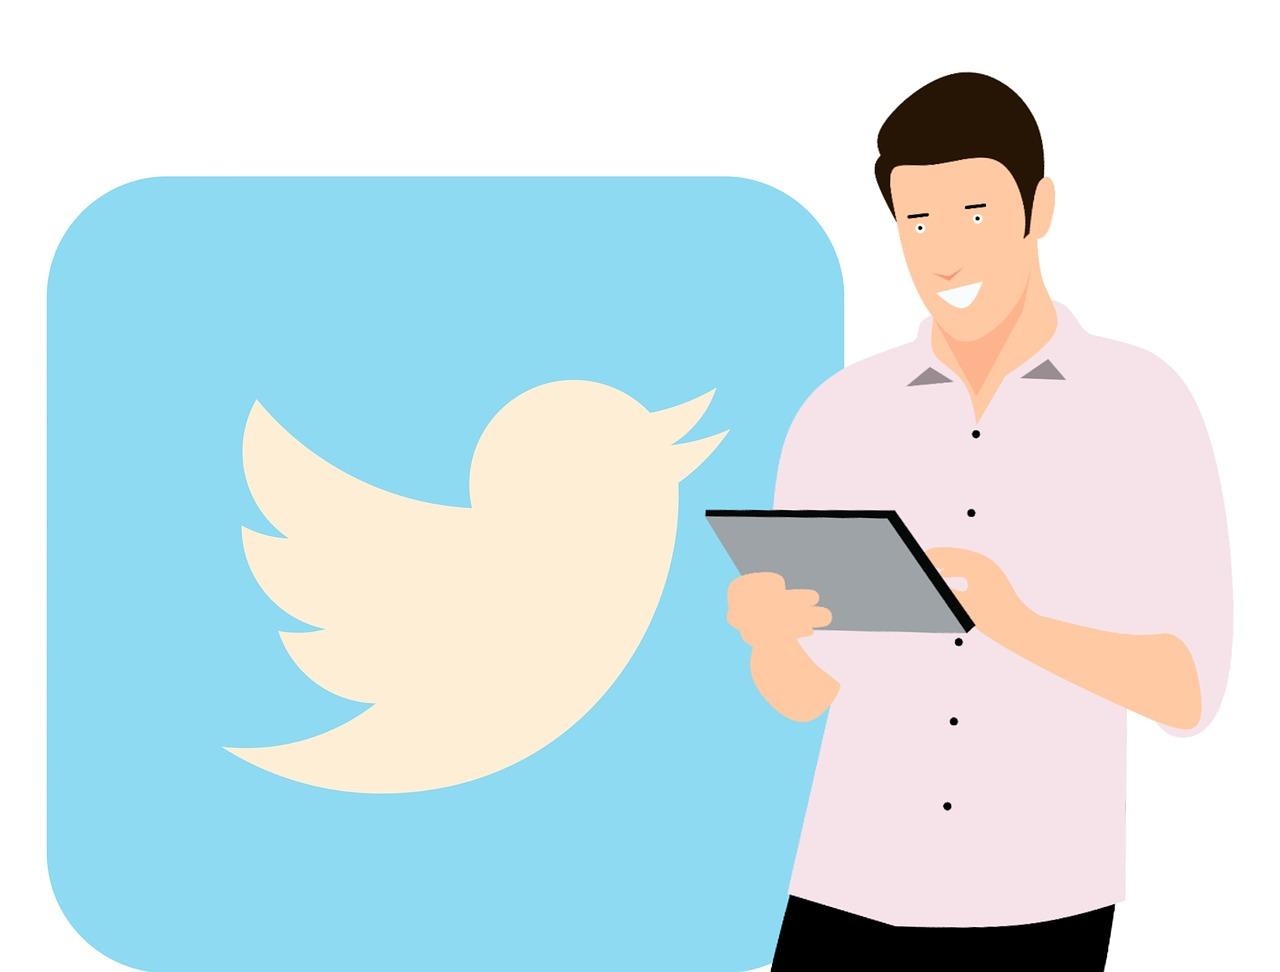 tweeteraser